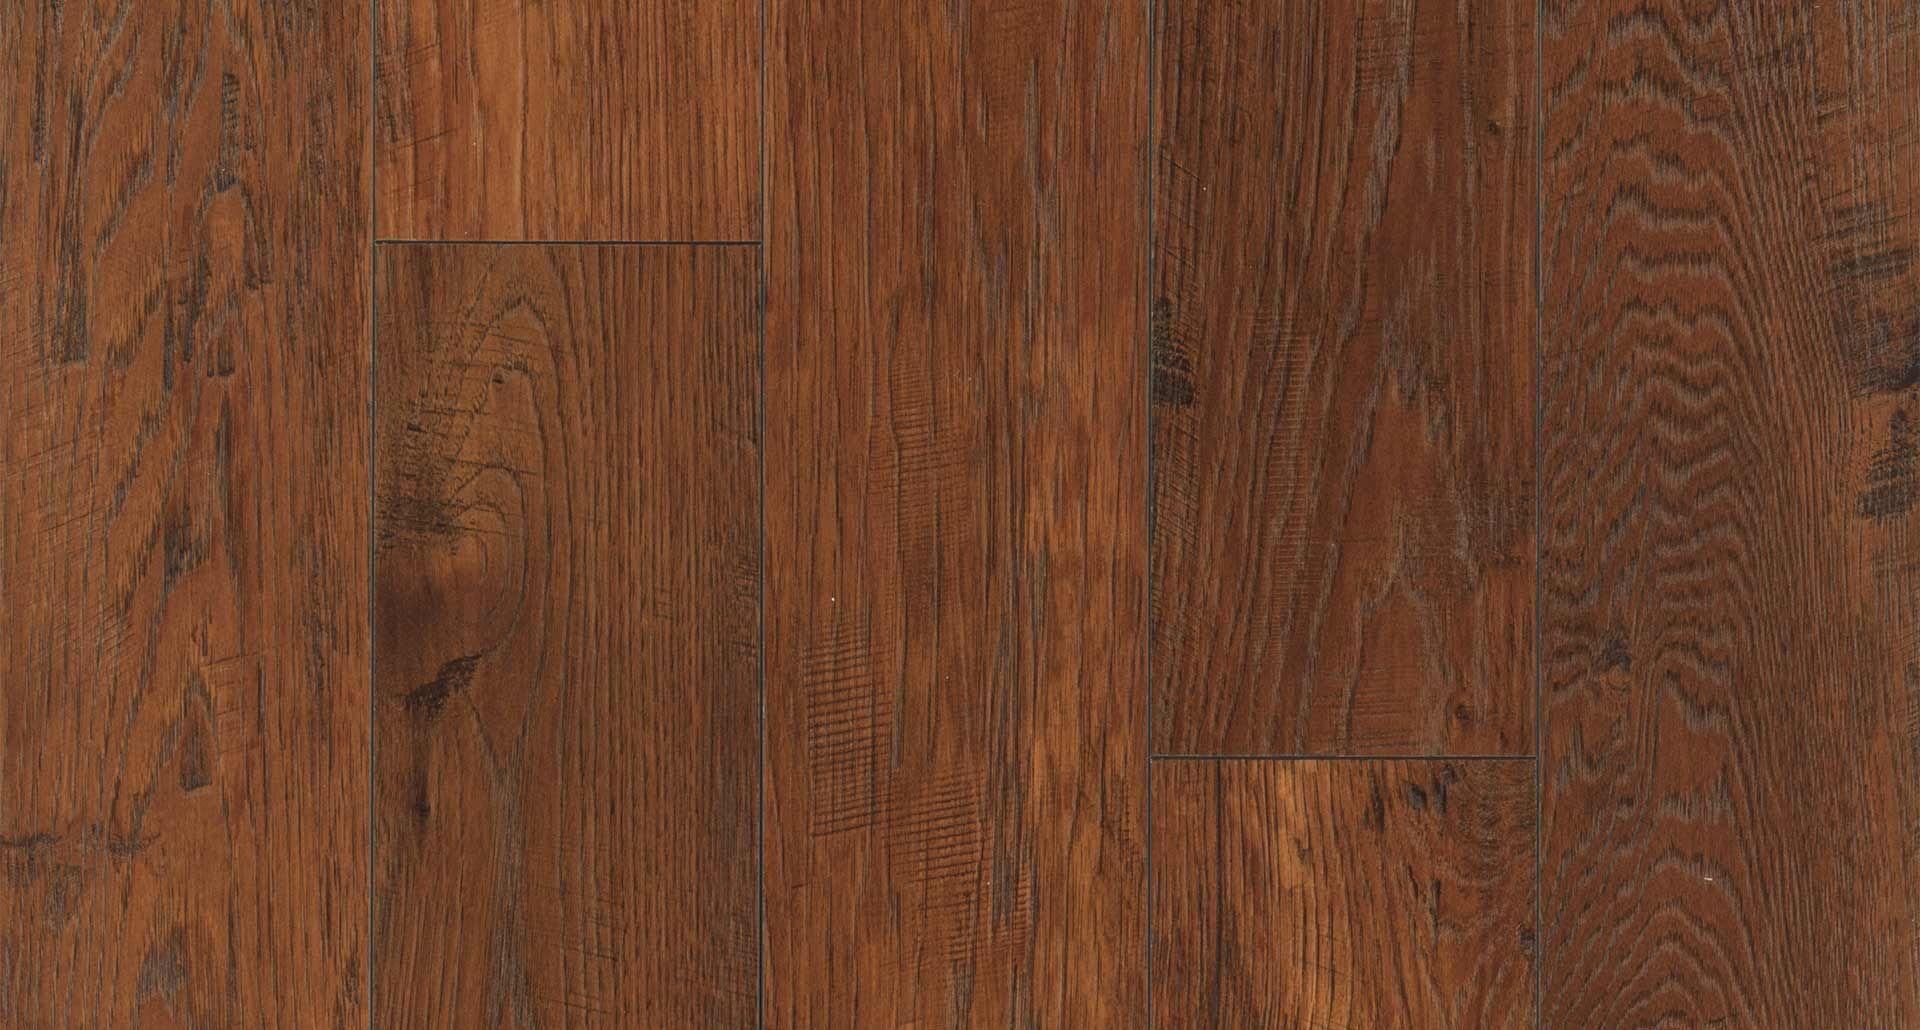 Natural 1 Strip Colorado Hickory Pergo Max Laminate Flooring Pergo Flooring Laminate Flooring